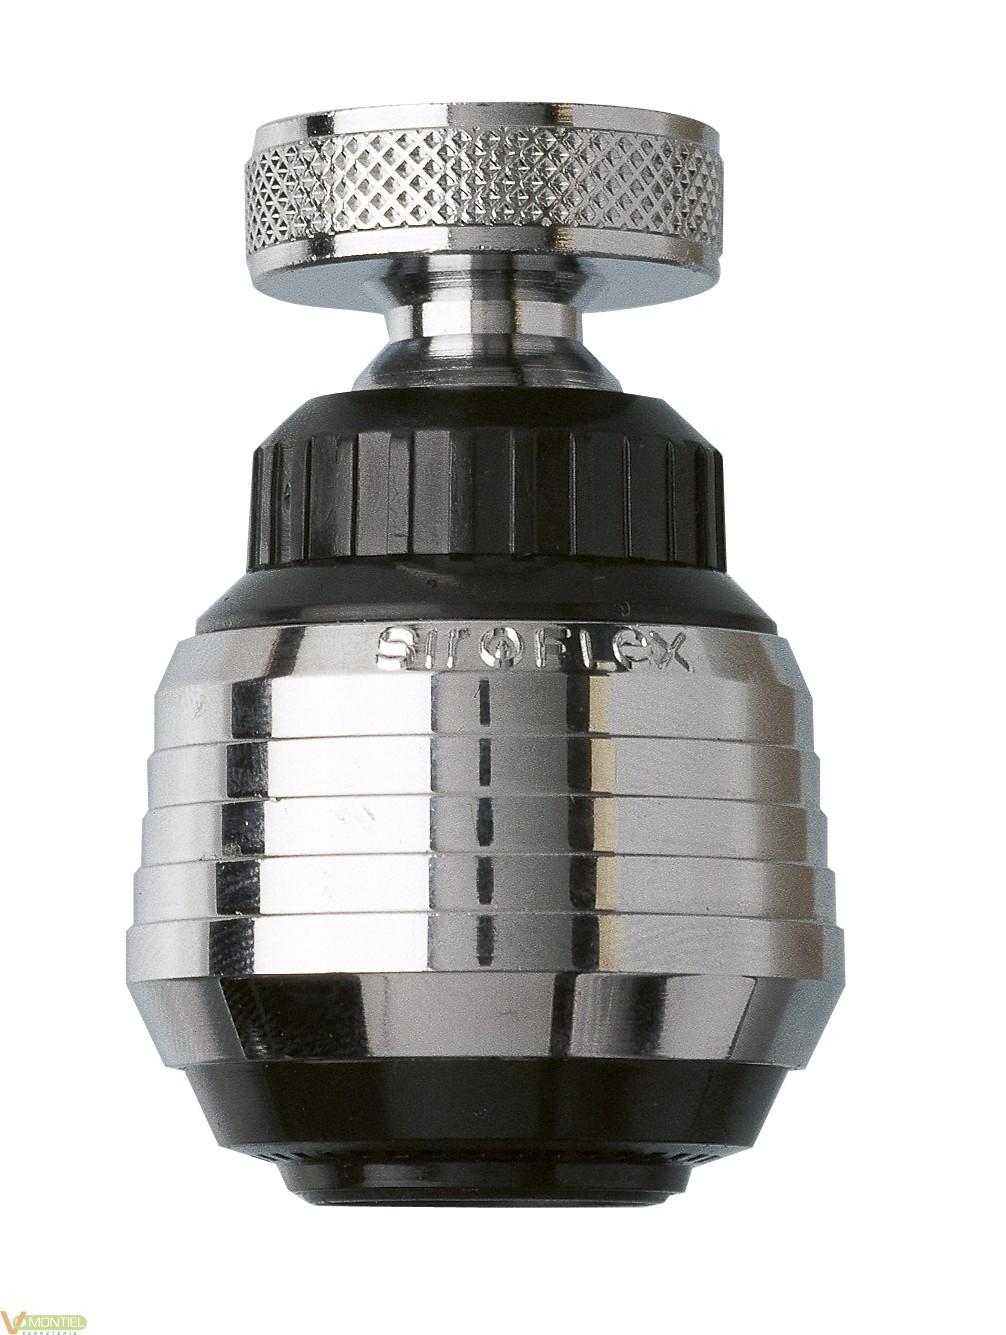 Atomizador rotula 2485/s-0